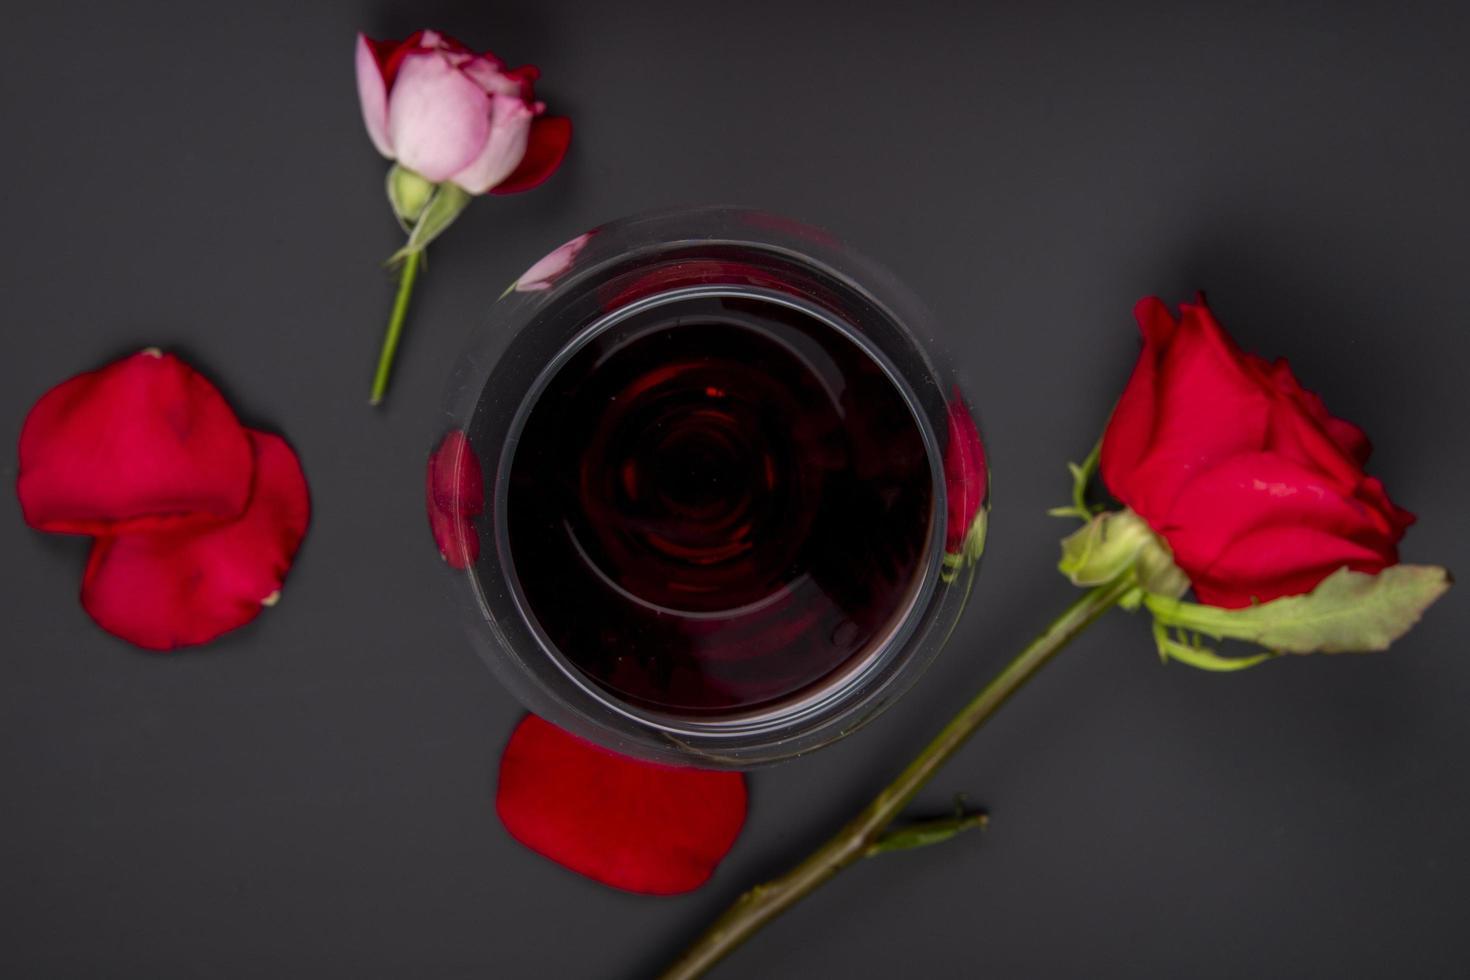 vue de dessus du vin avec des fleurs photo